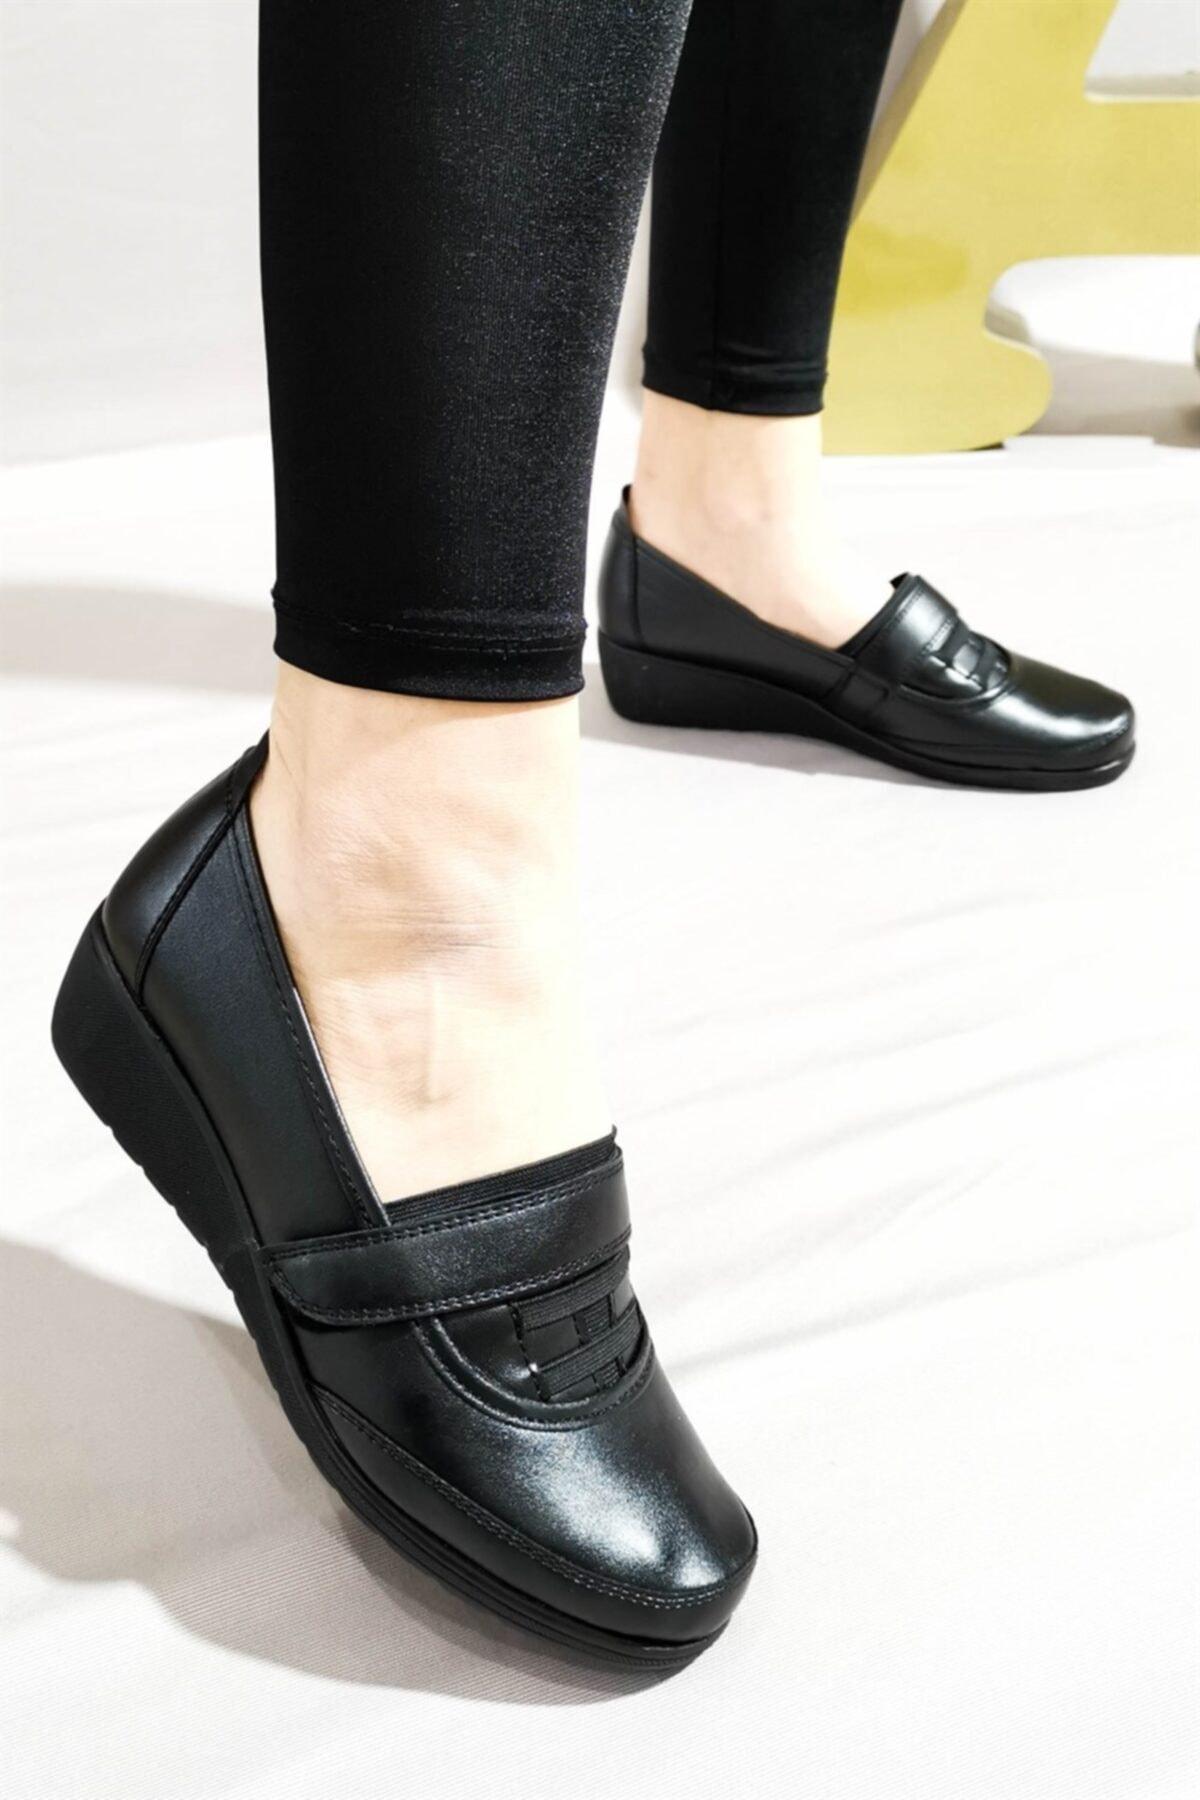 Aymood Kadın Siyah Cırtlı Ayakkabı 35